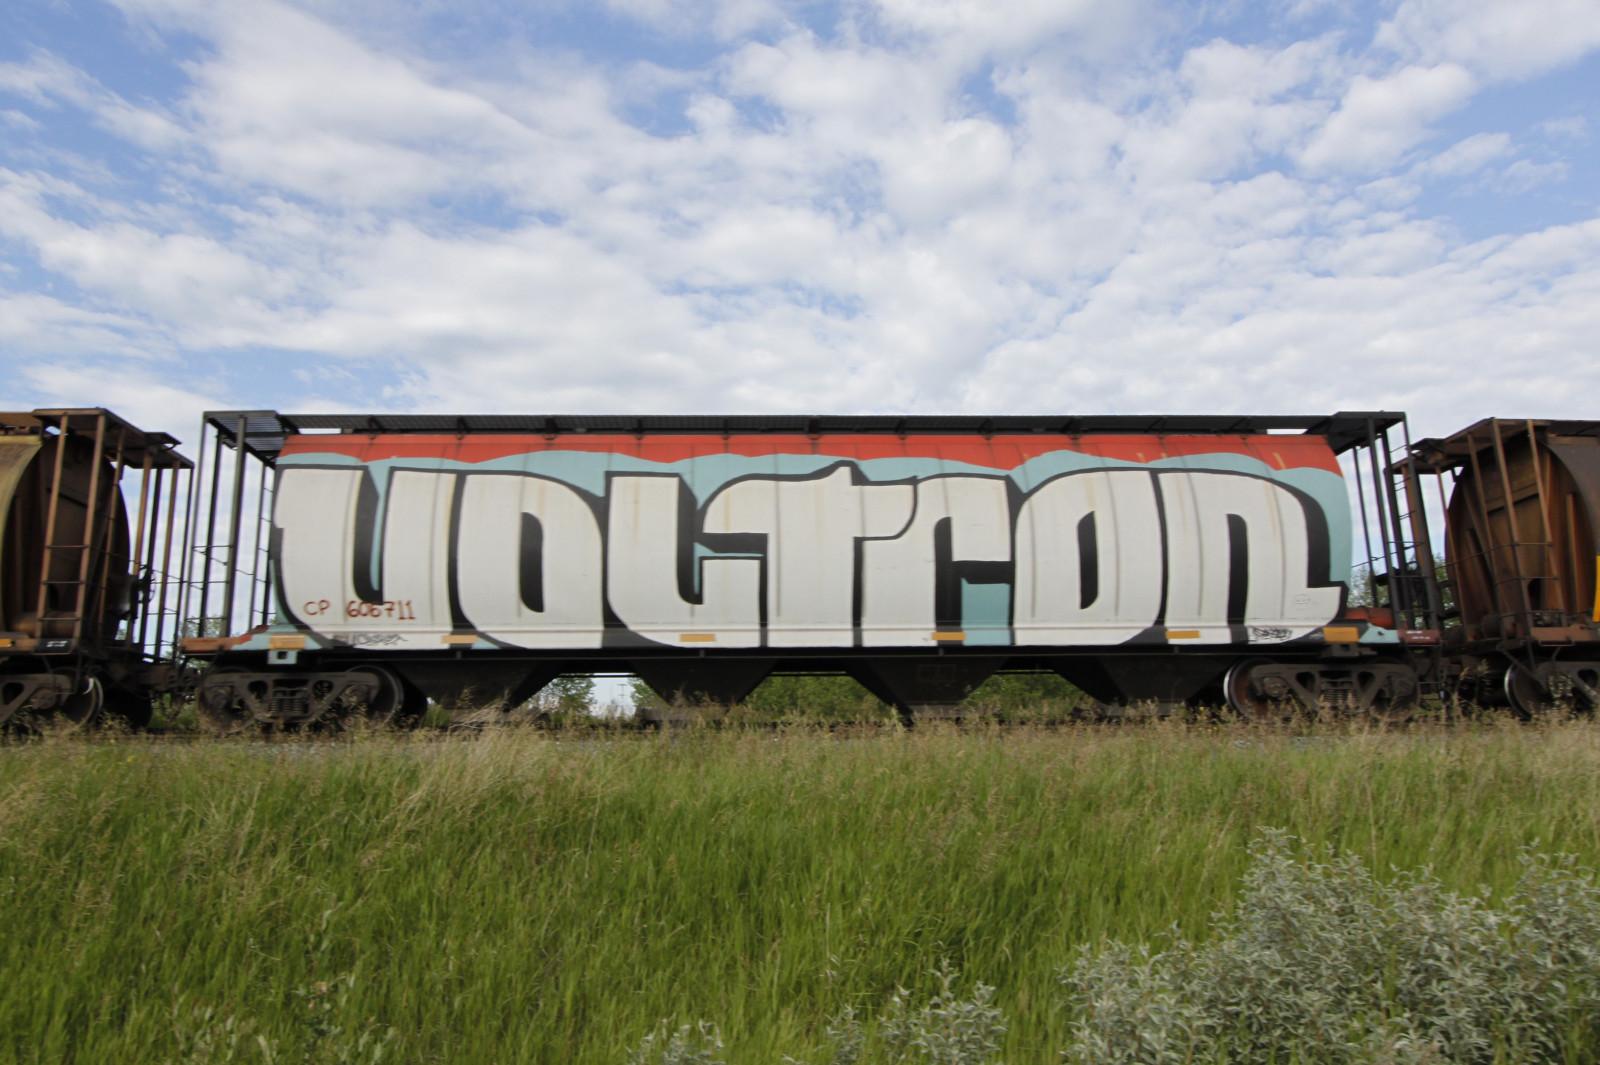 Masaustu Manzara Araba Ot Gokyuzu Arac Tren Celik Duvar